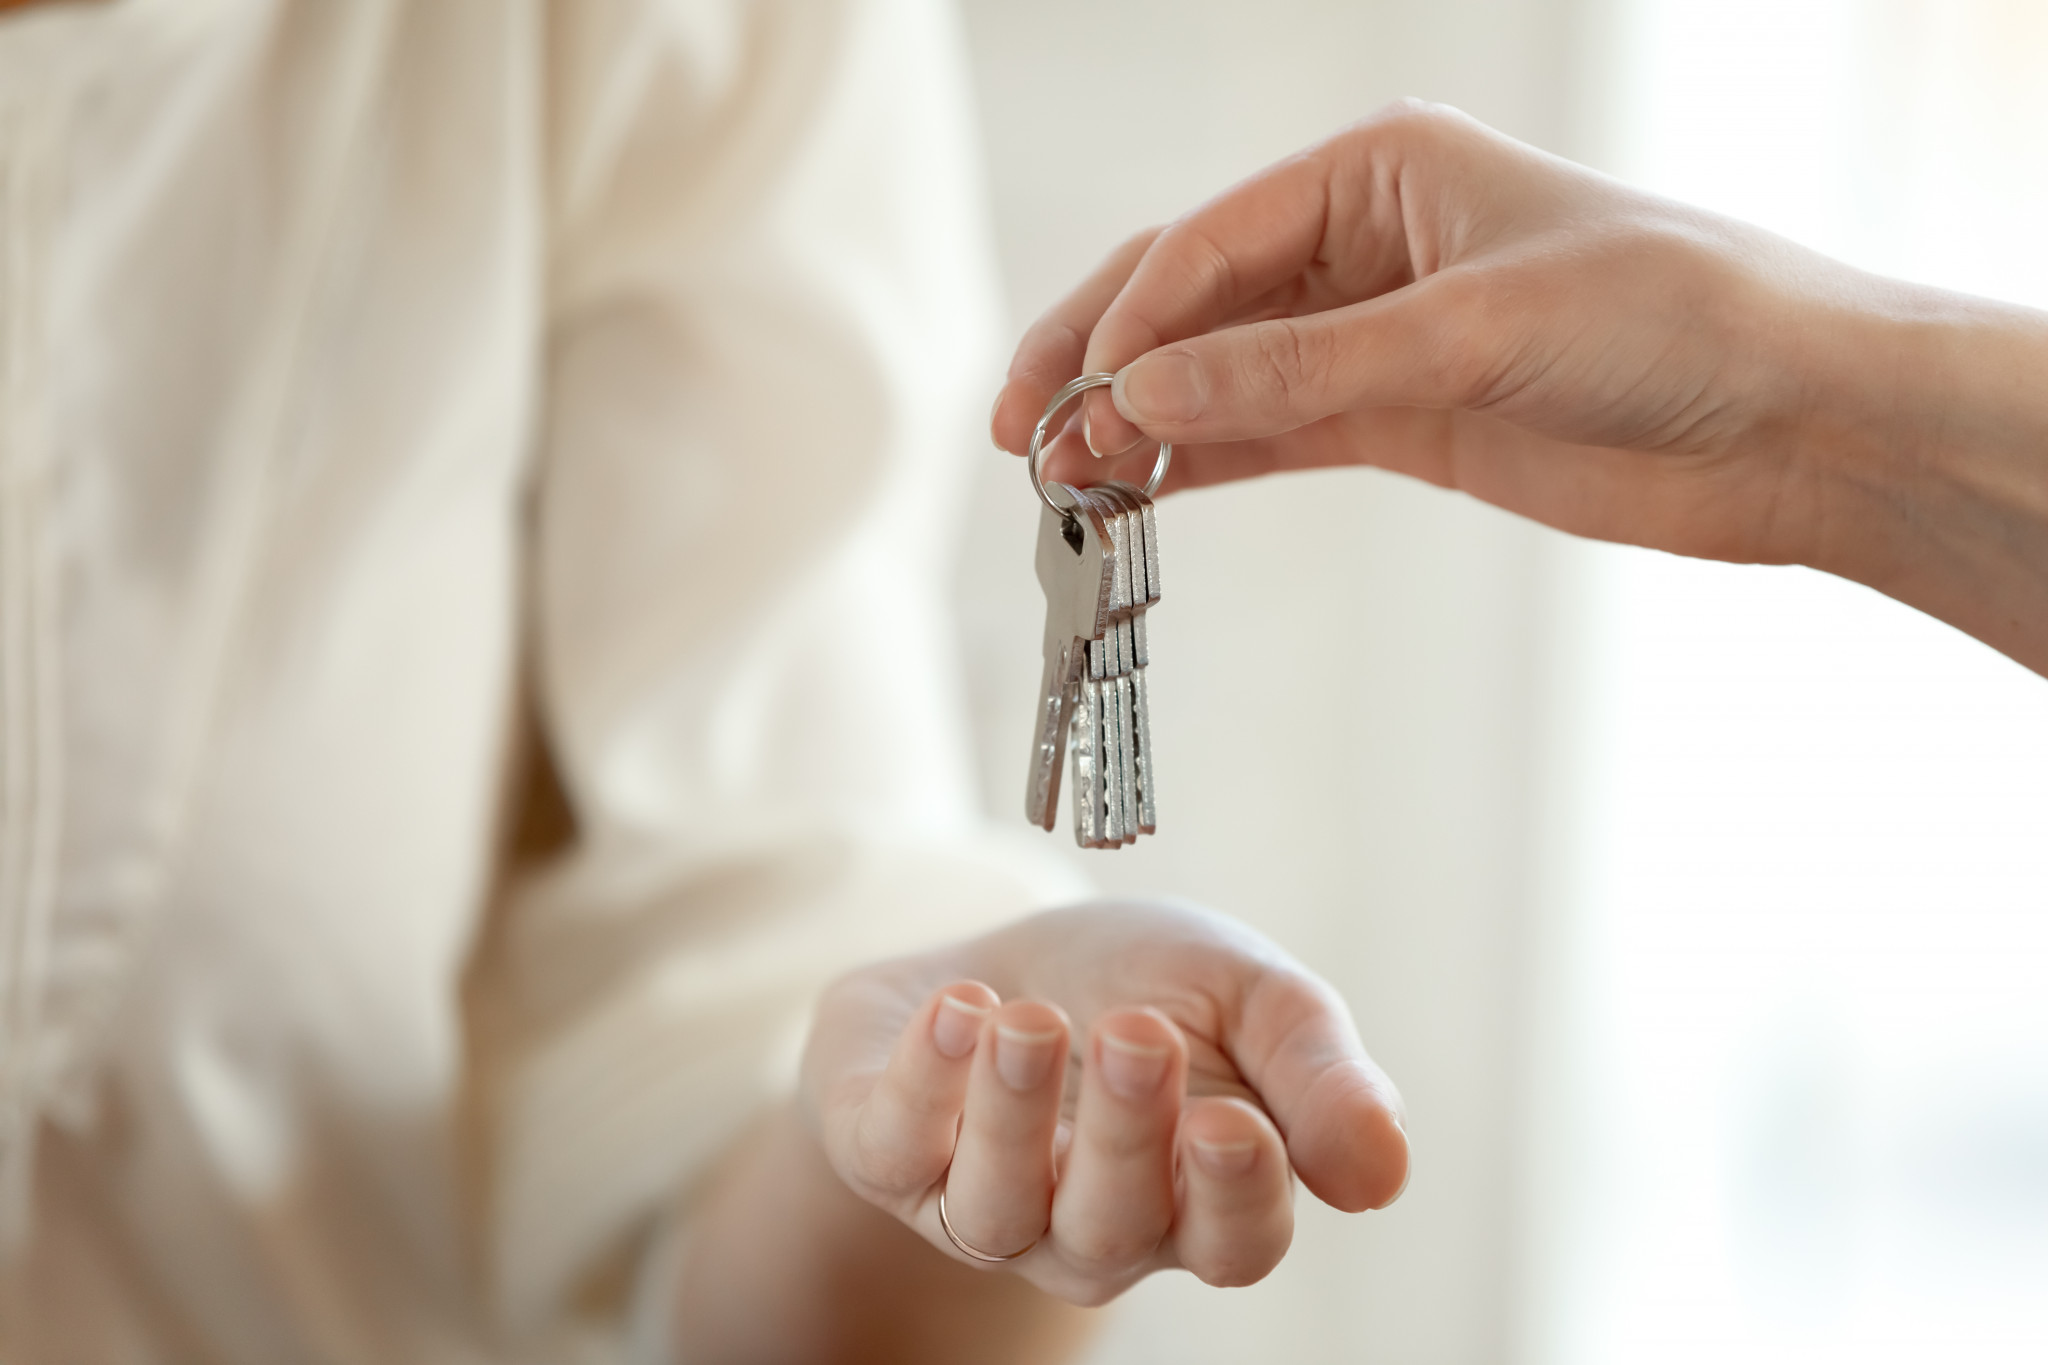 Från hand till hand. Närbild på kvinnlig mäklare som sträcker över nycklar till ung kvinna.